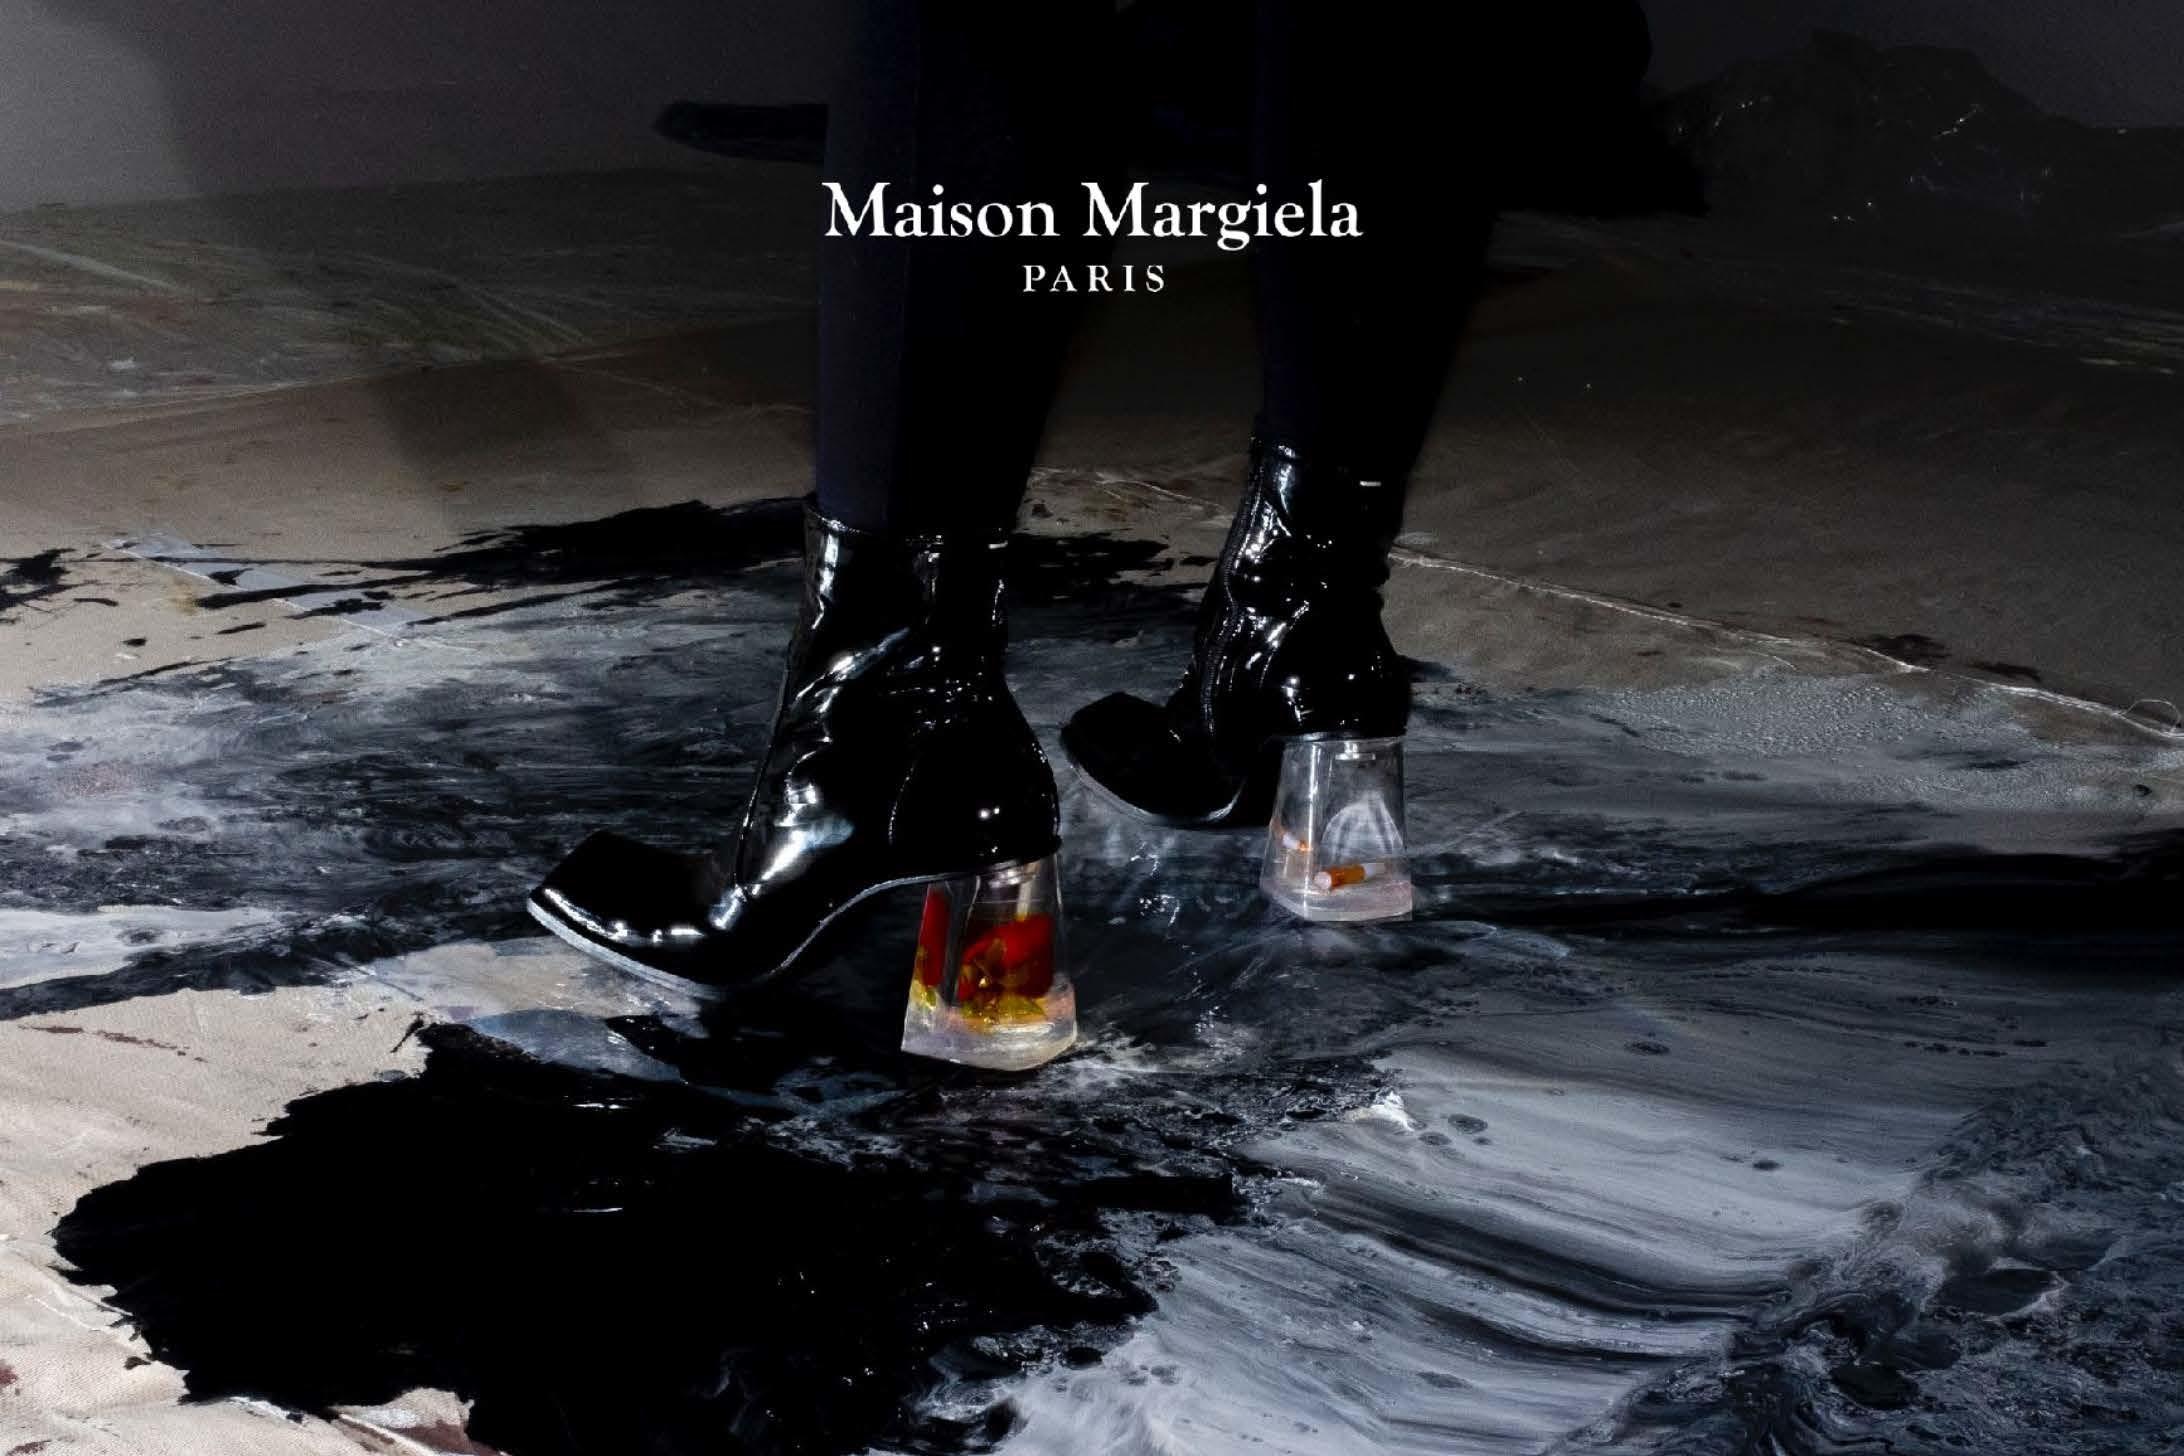 Till Janz Maison Margiela